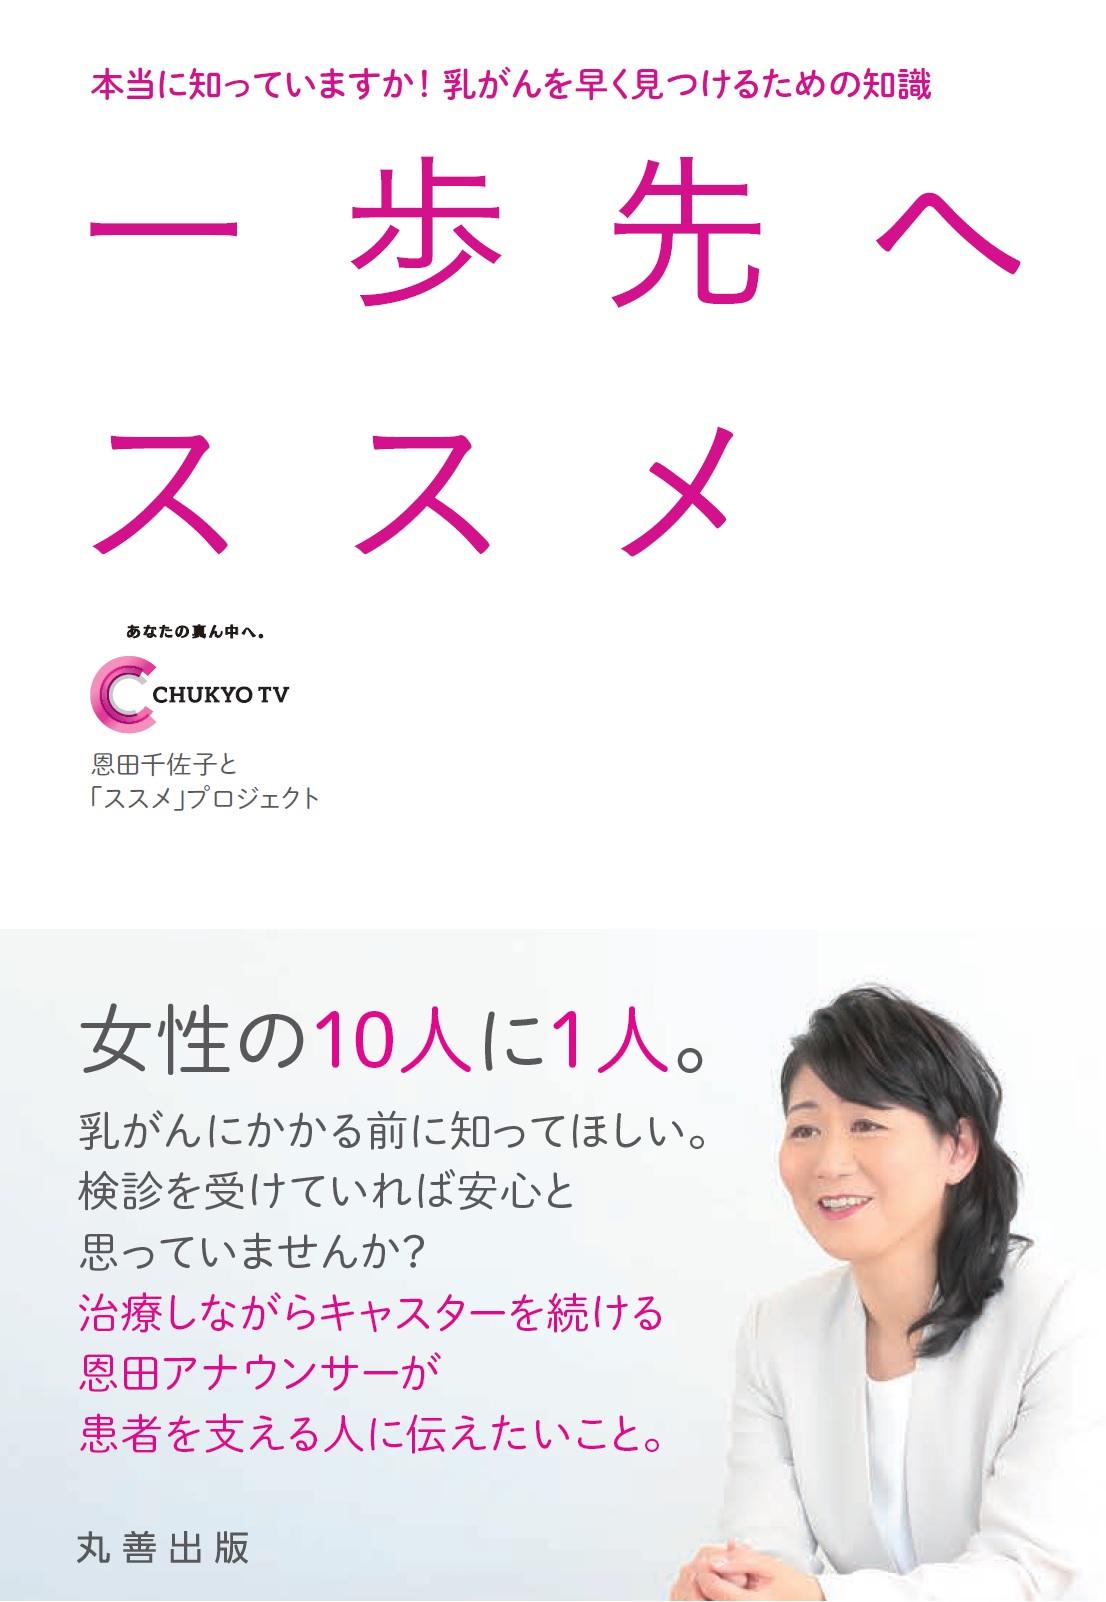 『一歩先へススメ 本当に知っていますか!乳がんを早く見つけるための知識』(丸善出版)